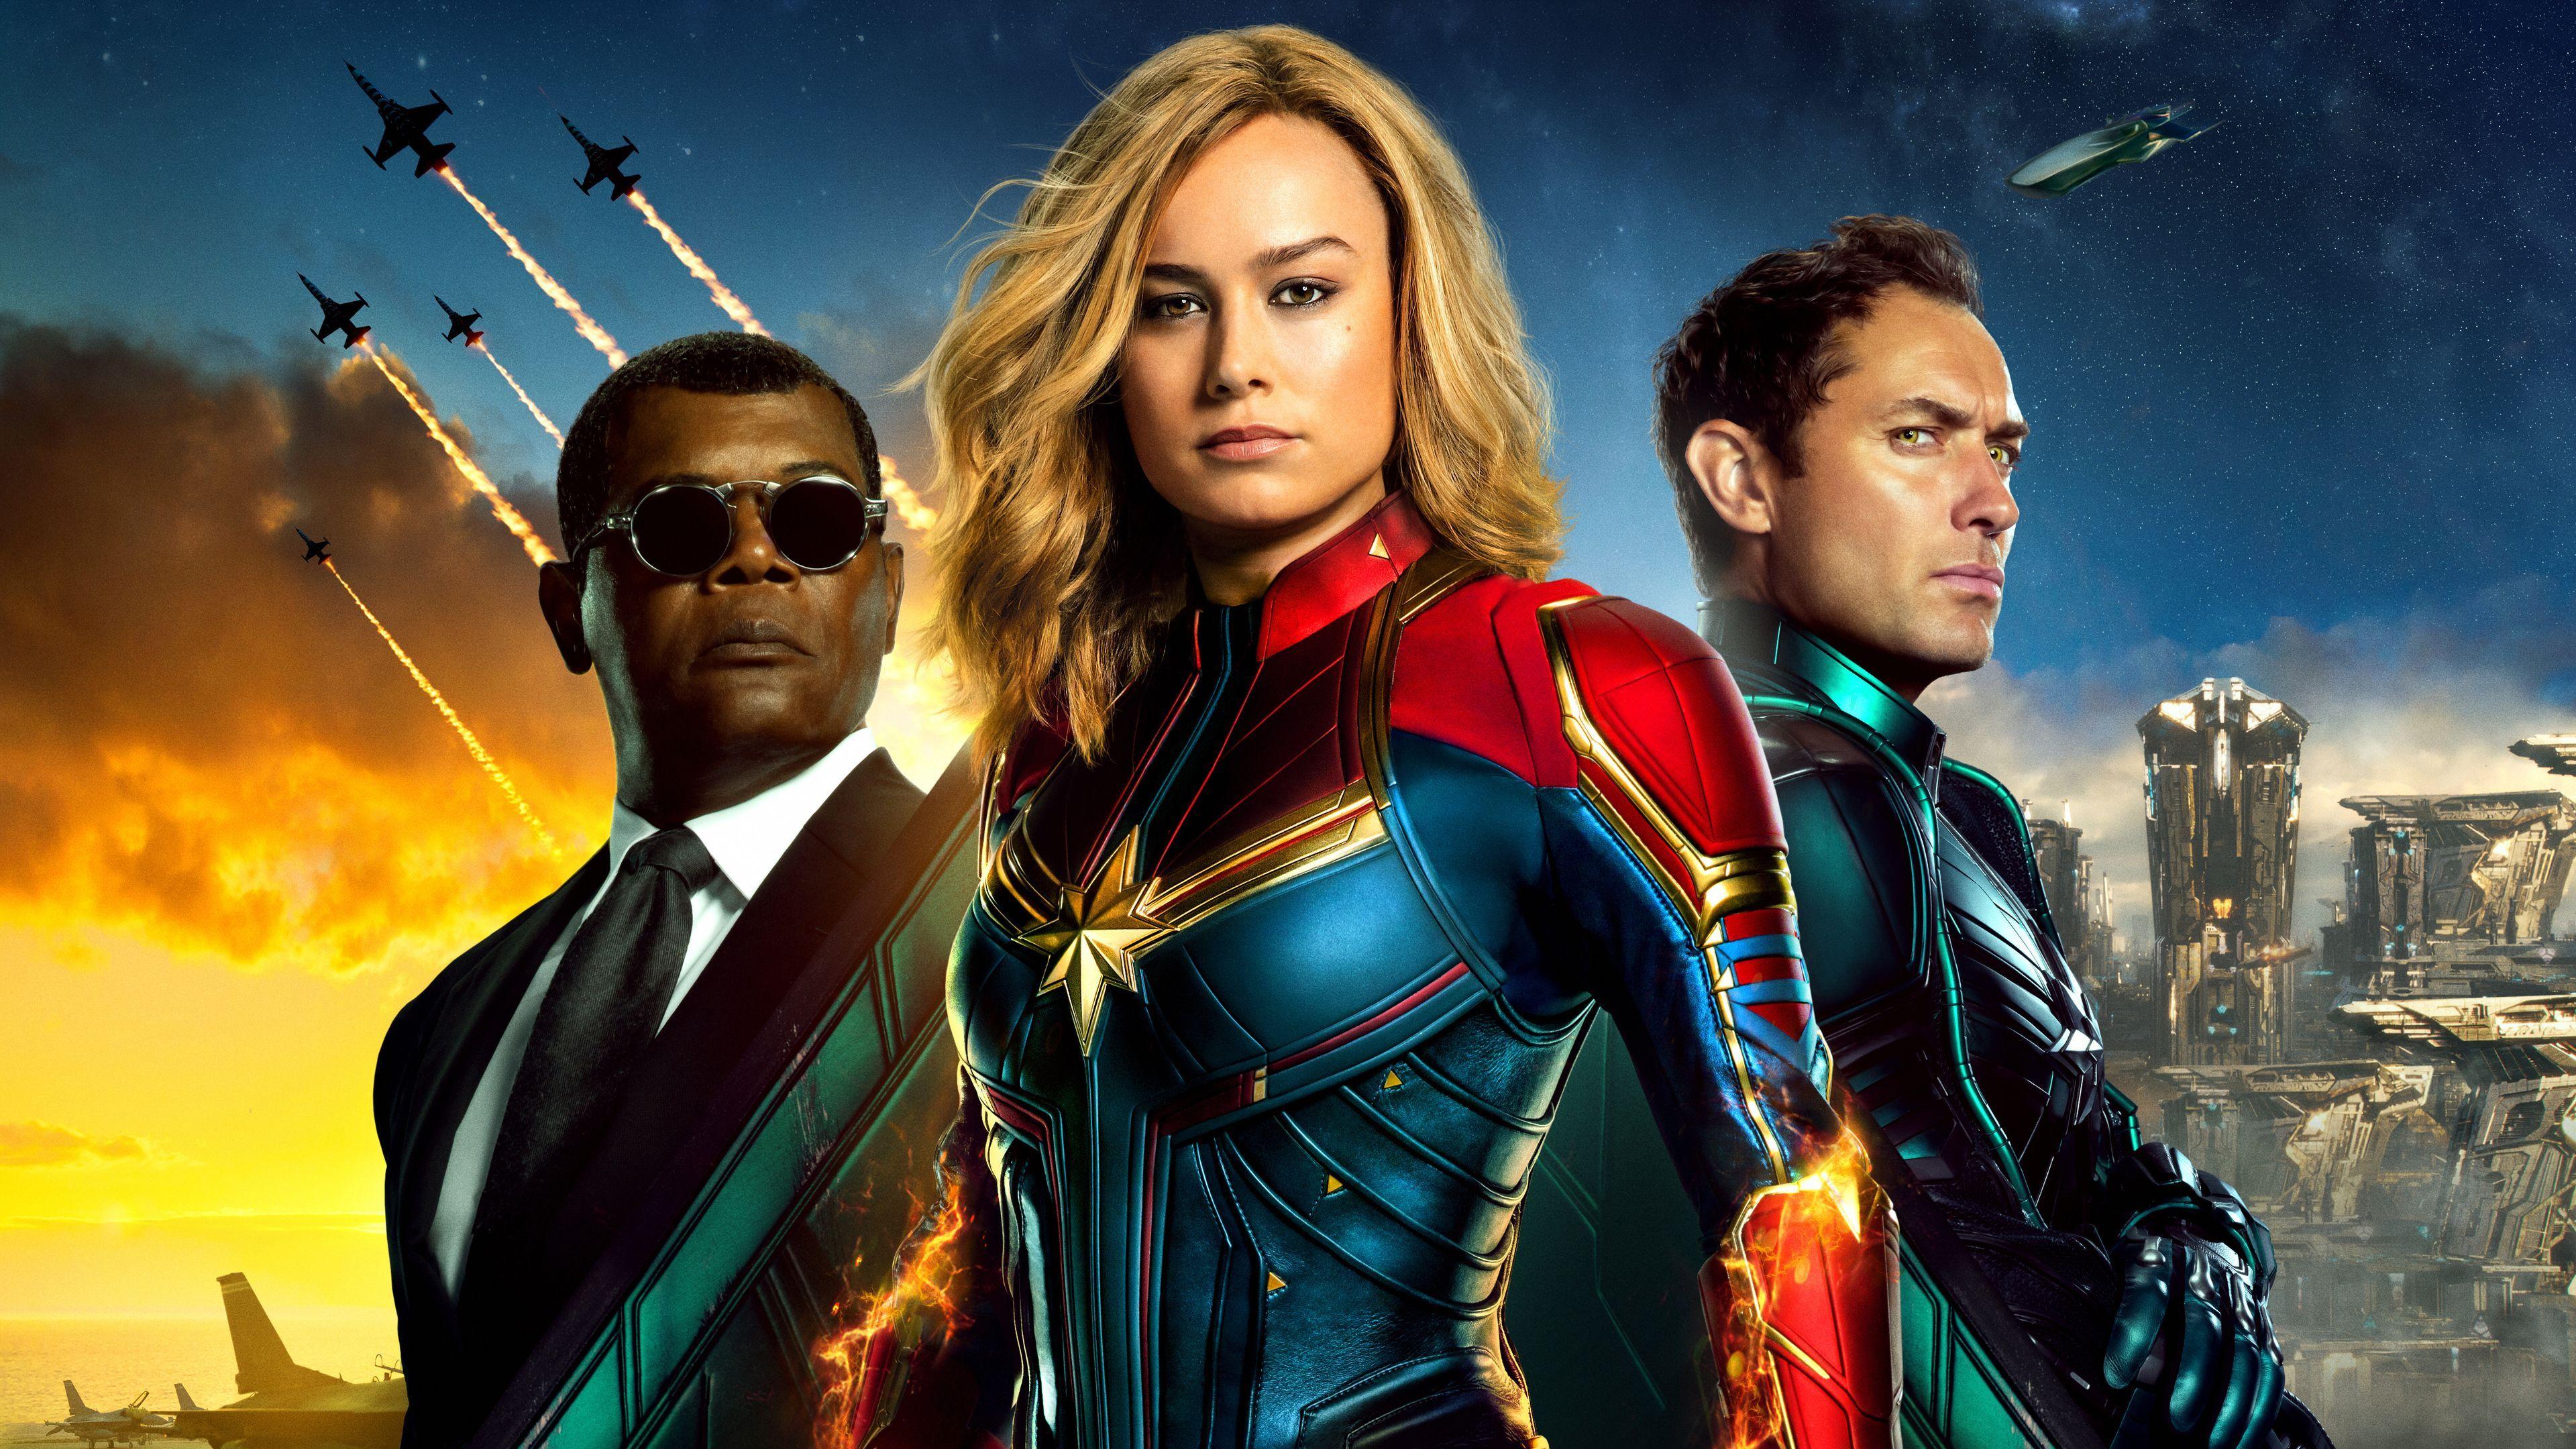 Captain Marvel New Poster 4k Poster Wallpapers Movies Captain Marvel Marvel Avengers Funny Marvel Avengers Assemble